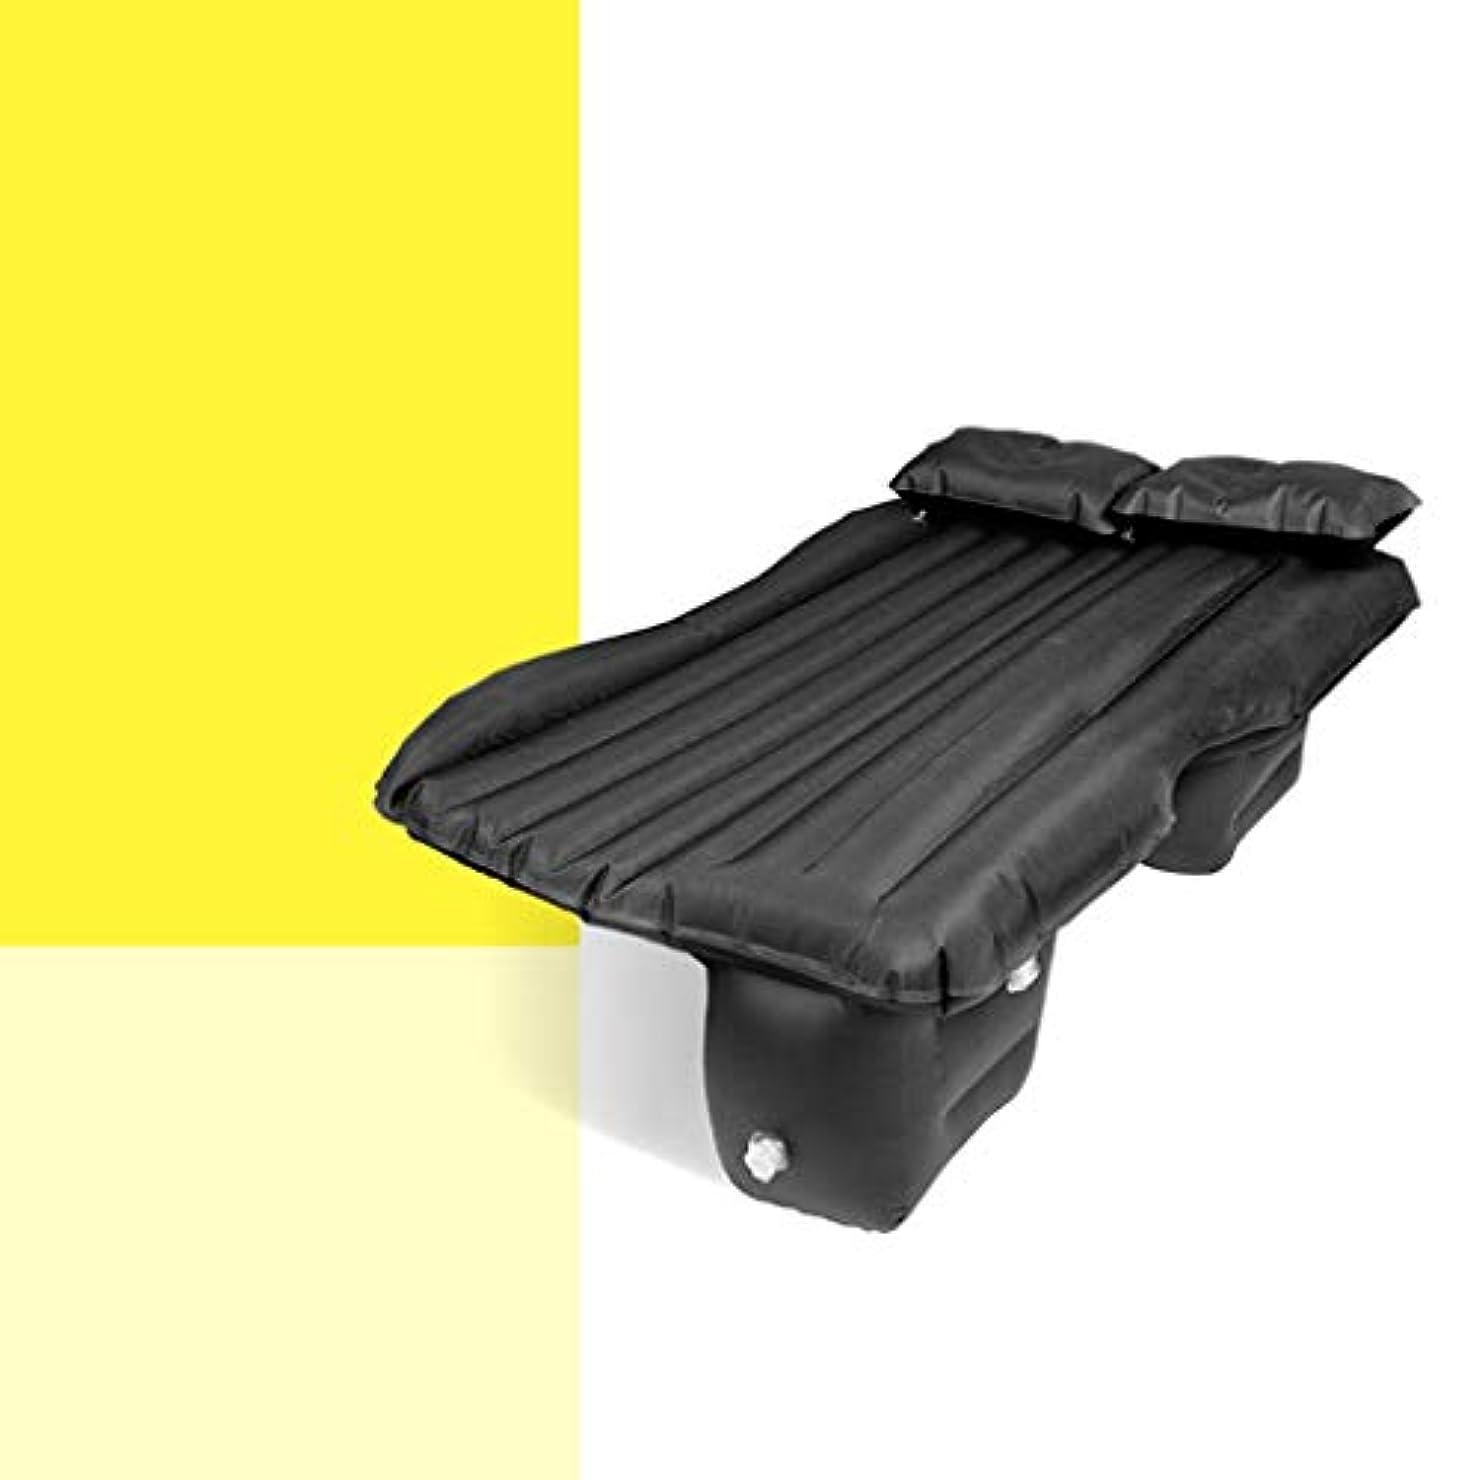 雇用ビンビザSYLOZ 車のインフレータブルベッドインフレータブルスリーピングパッドキャンプマットレスライトコンパクトエアクッションポータブル折りたたみエアベッド (Color : Black)